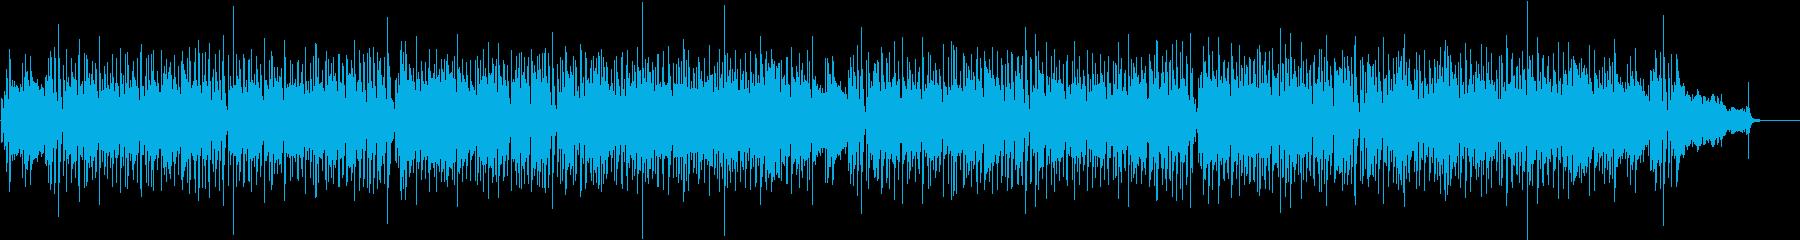 フルートがメインのショッピング音楽の再生済みの波形